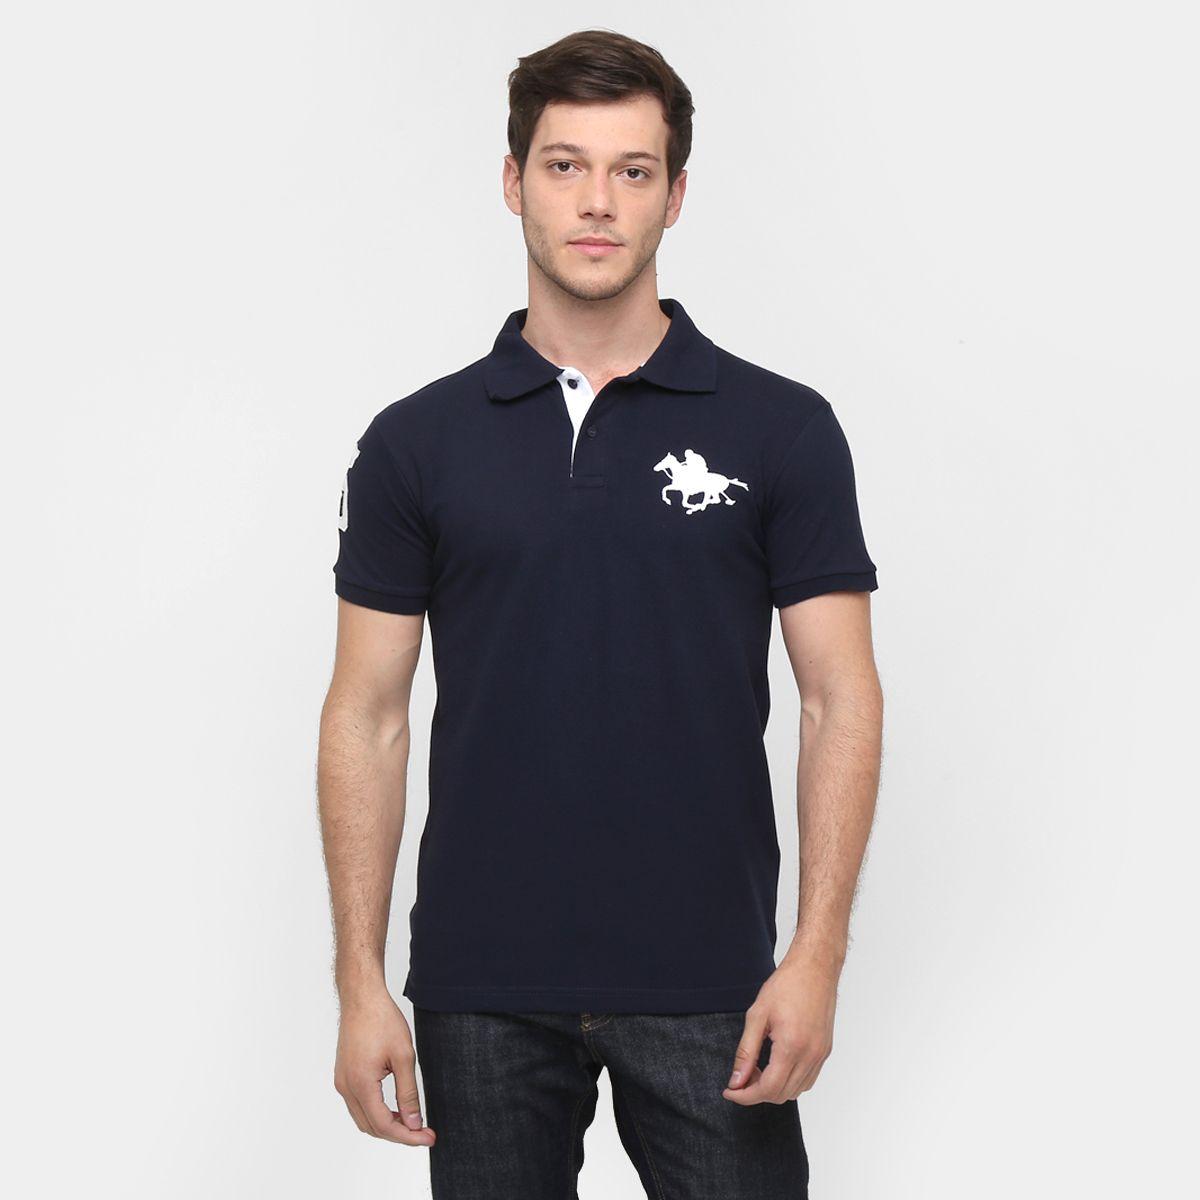 Camisa Polo RG 518 Piquet Básica Masculina - Marinho  a2e05b77f1f2e